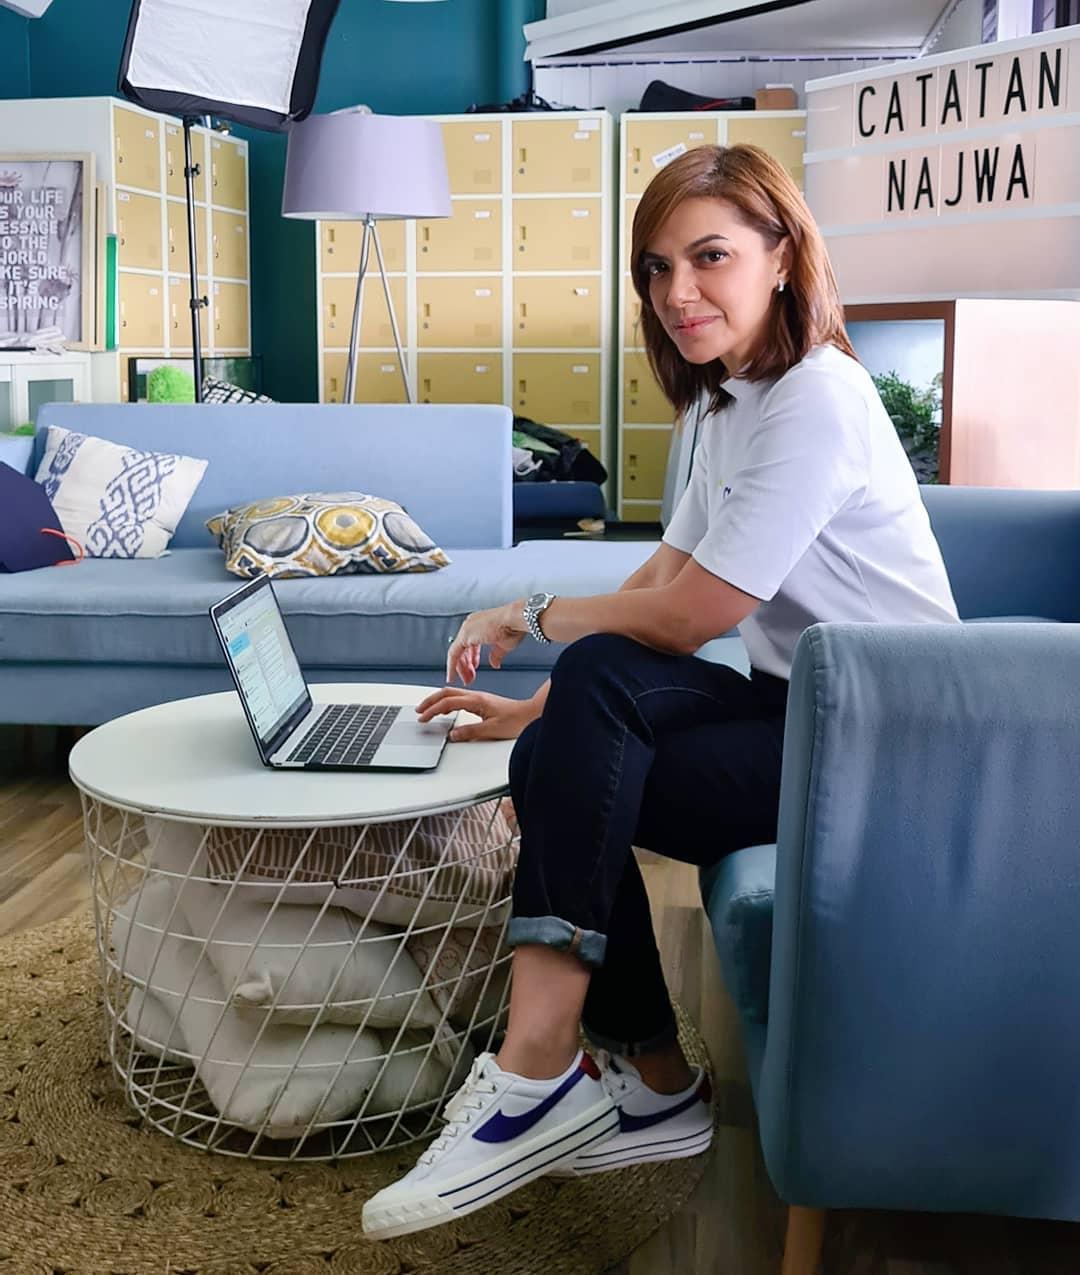 Biodata Najwa Shihab Lengkap